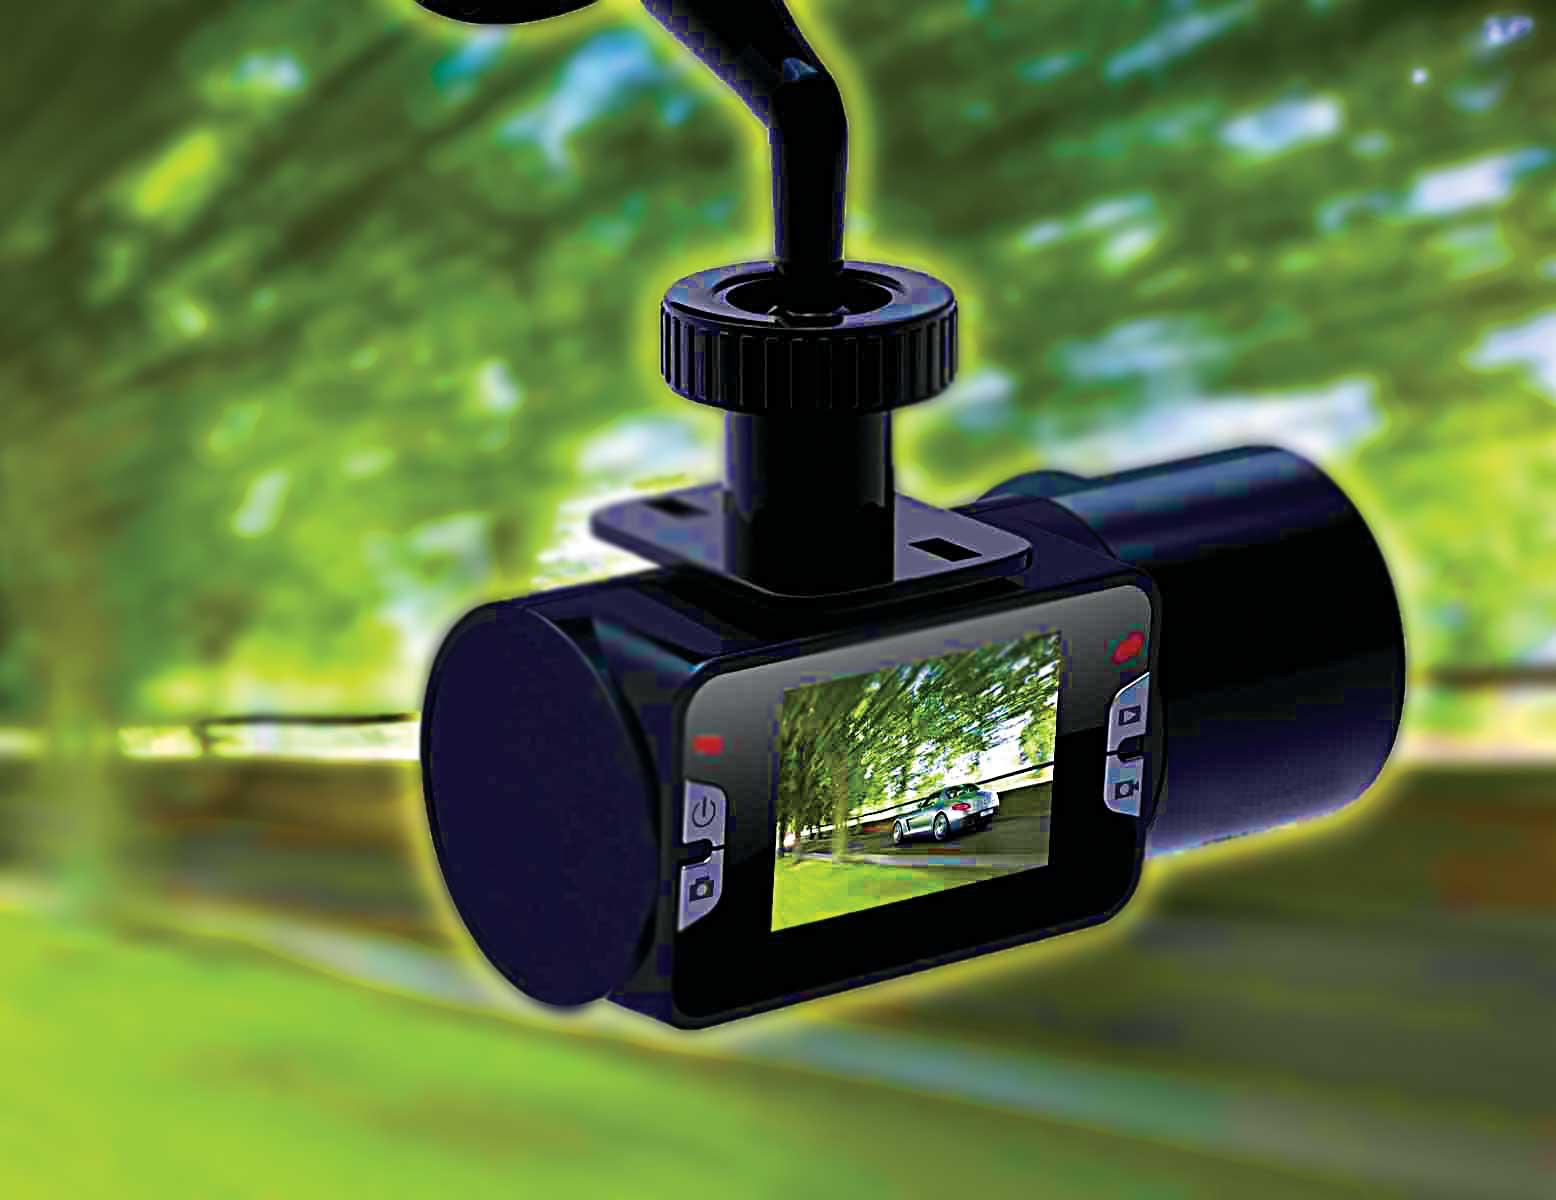 yeu to quyet dinh chat luong cua camera hanh trinh cho oto 3 - Yếu tố quyết định chất lượng của camera hành trình cho ô tô